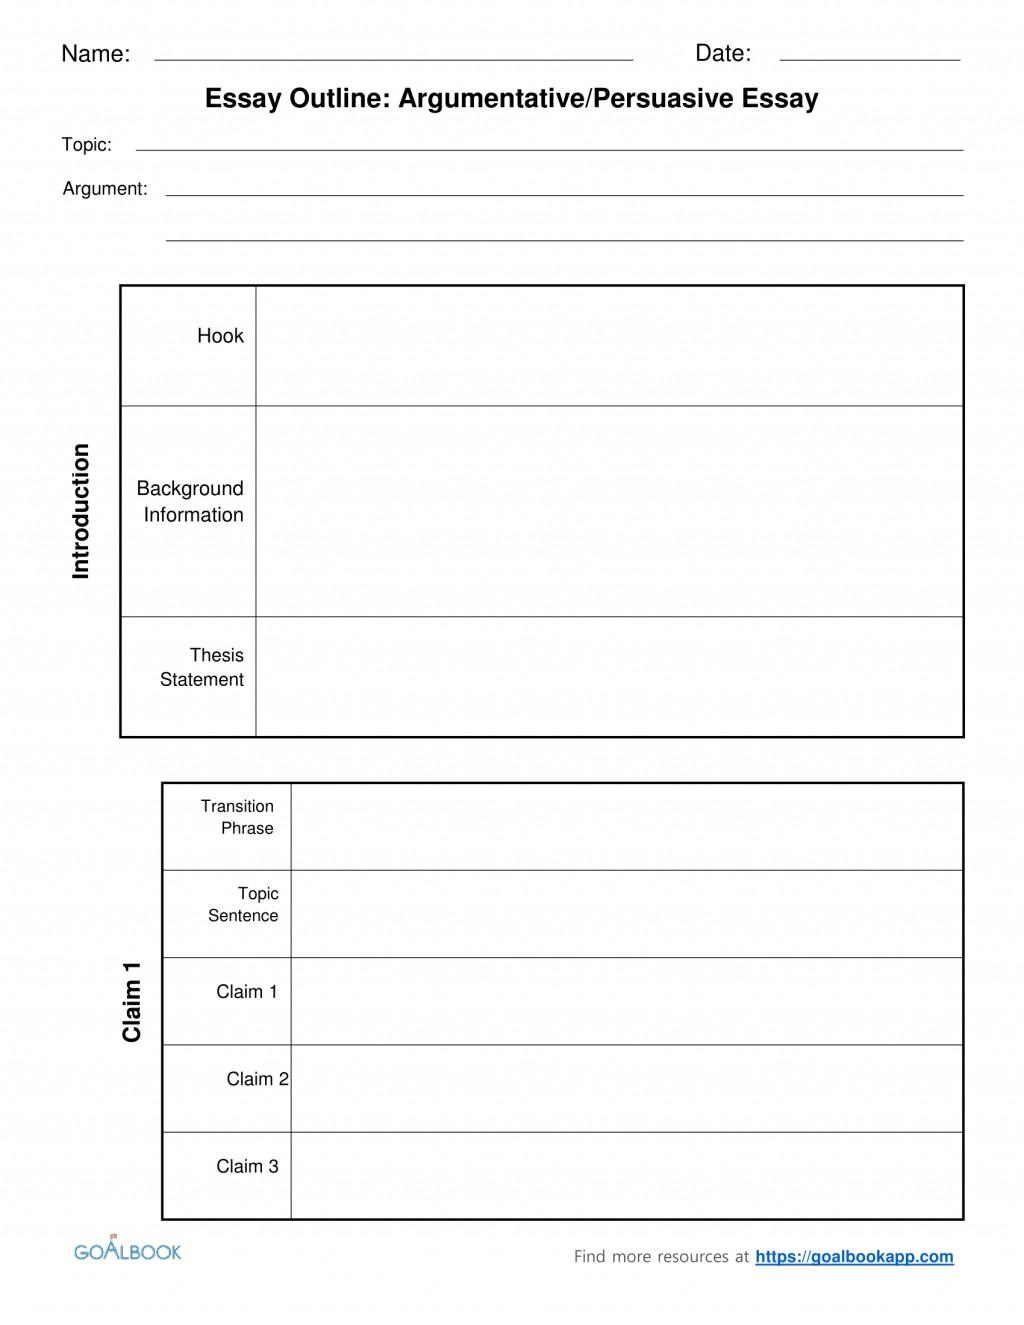 012 Outline Of An Essay 2argumentative Persuasiveessayoutlinechunked Sensational Argumentative Sample Co Education Pdf Large